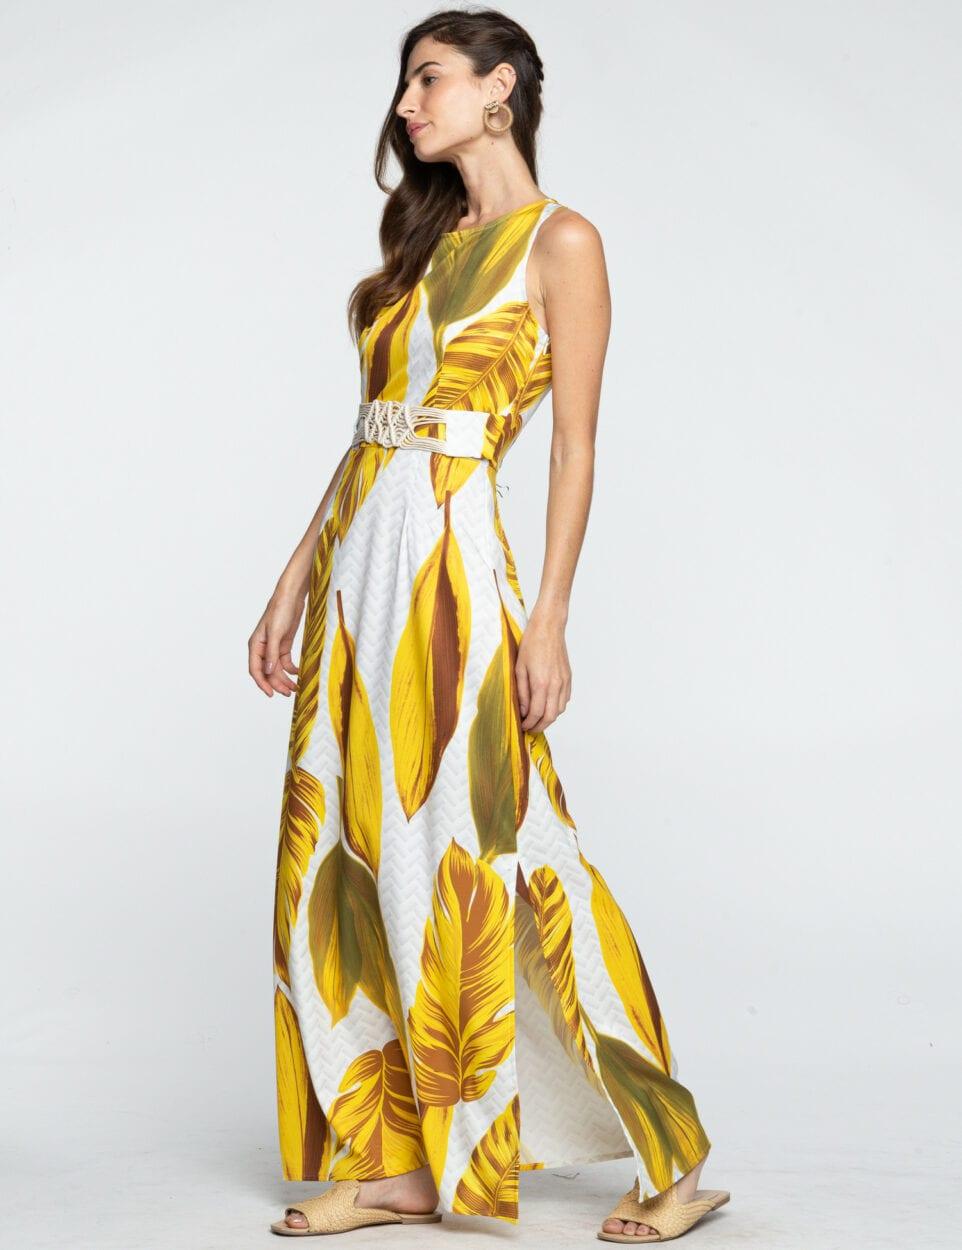 Mulher usando vestido com folhagem.